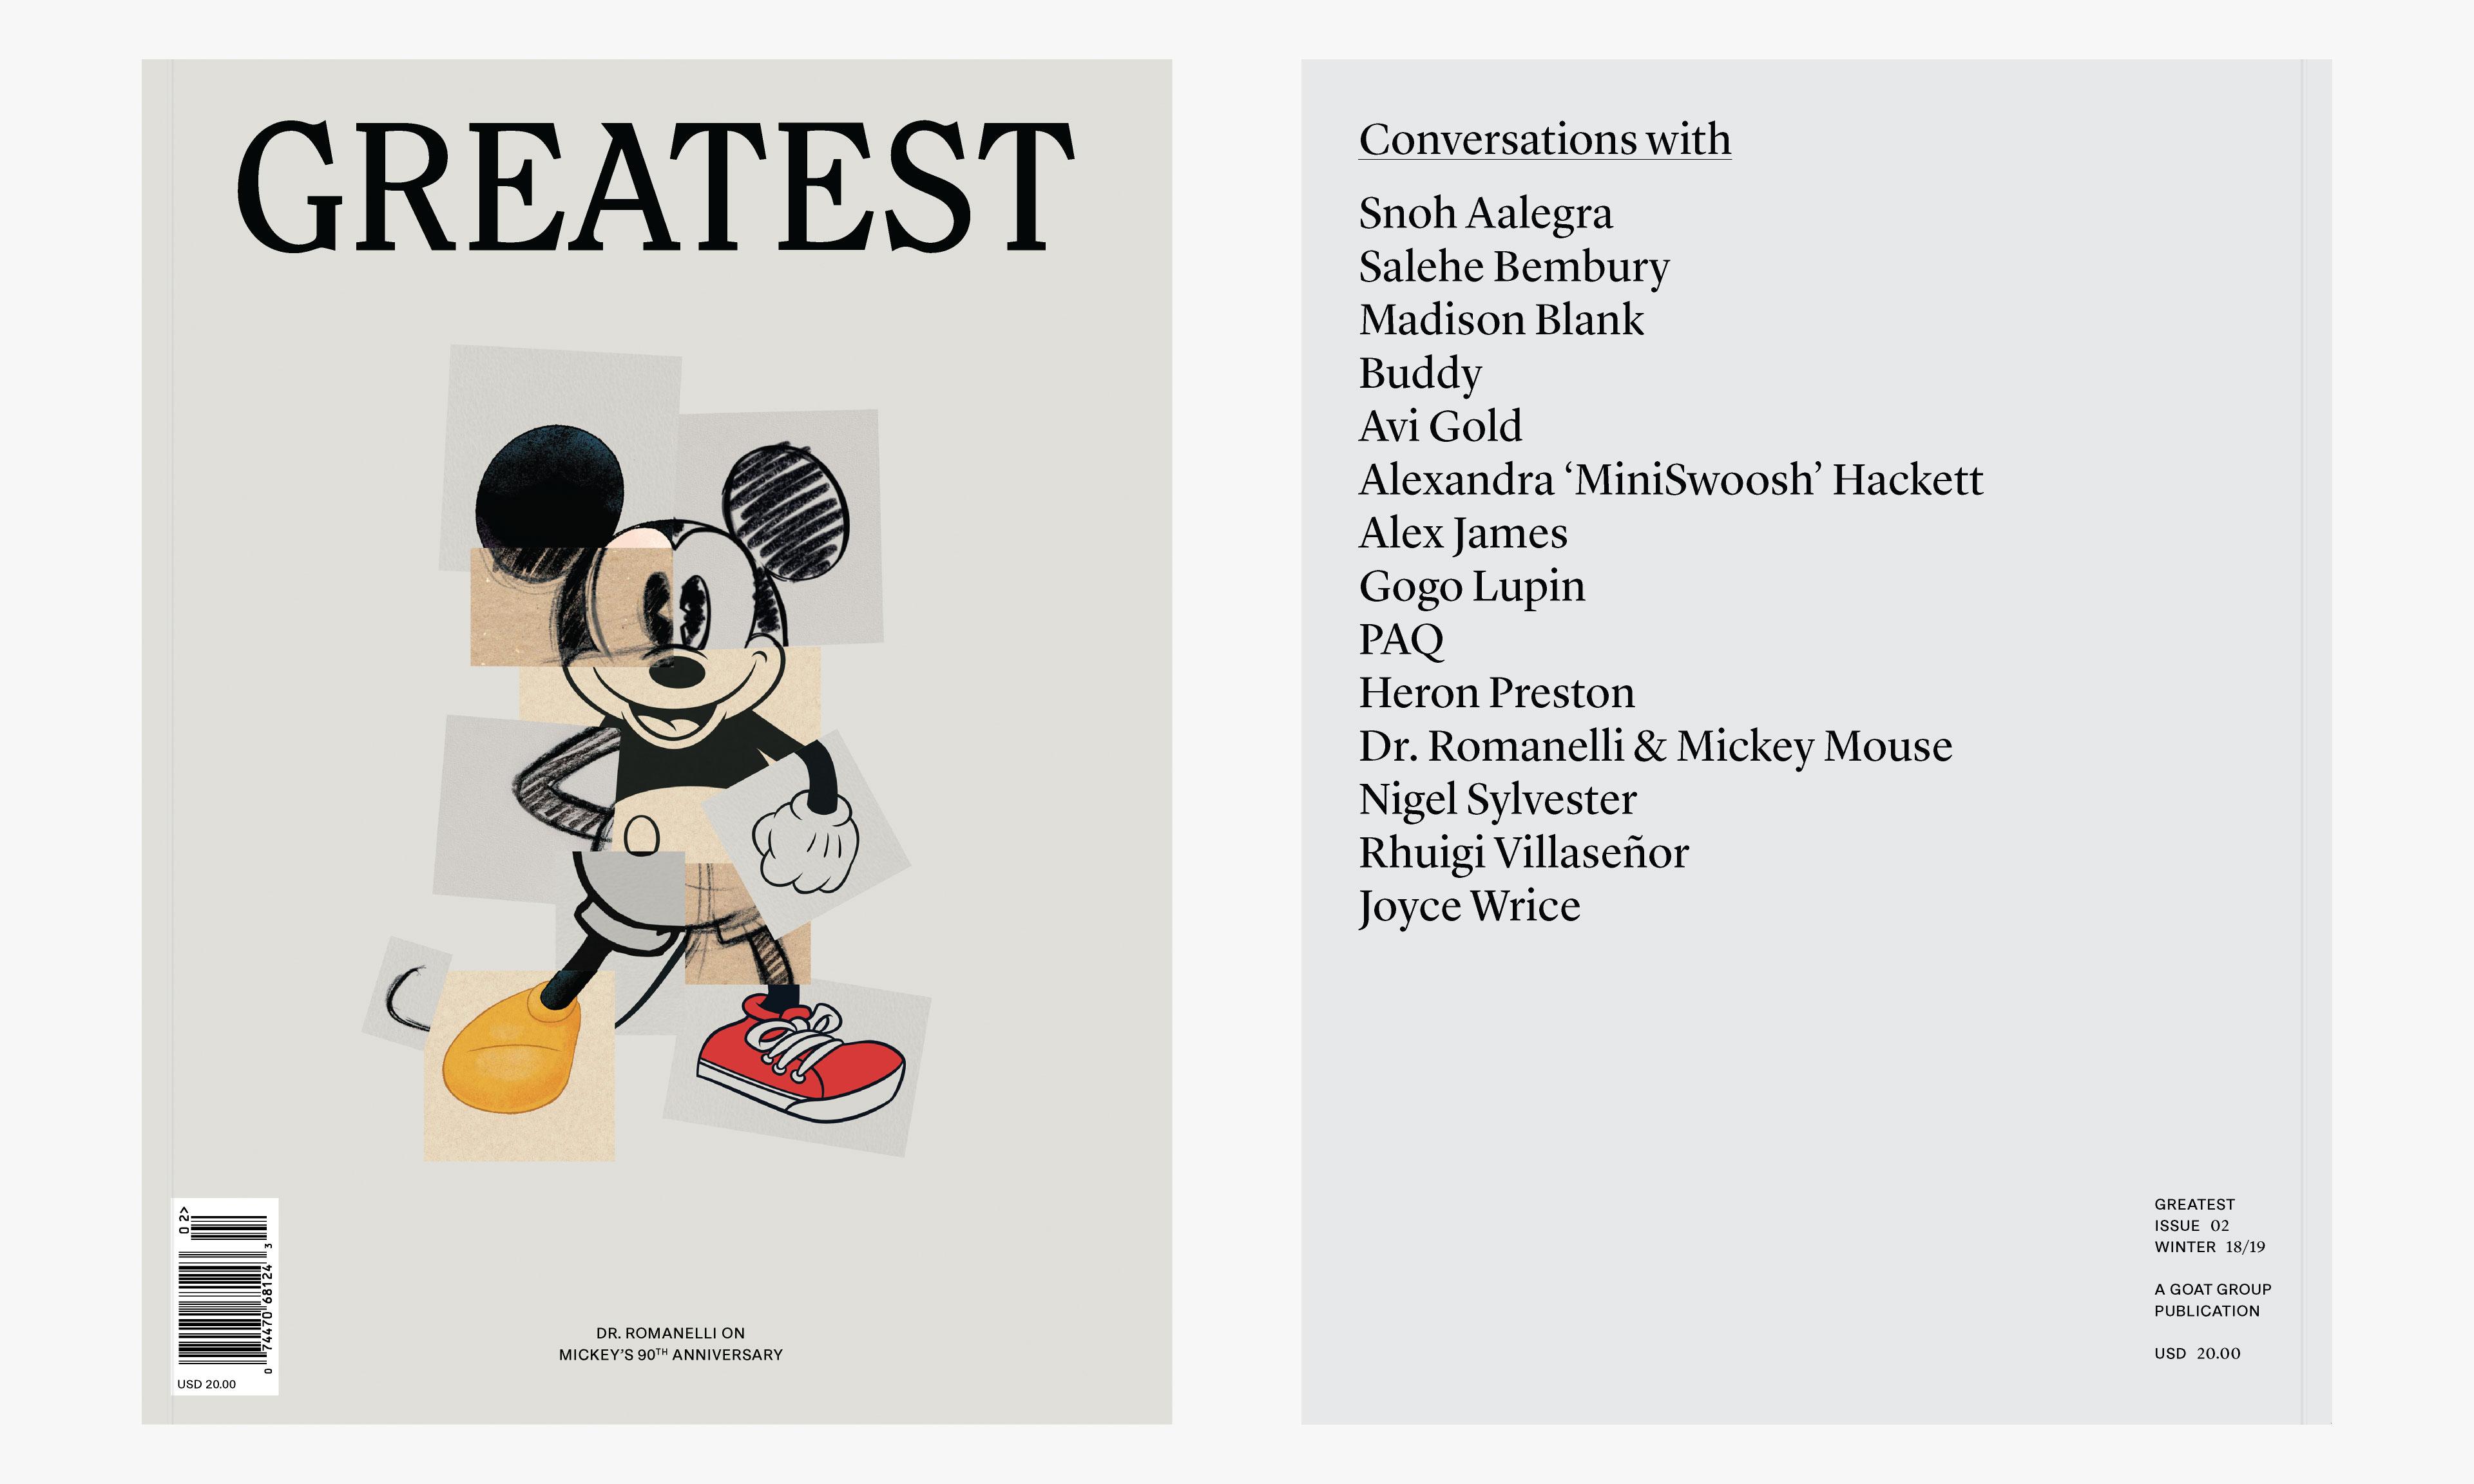 以米老鼠旧相片拼贴作为封面,《Greatest》杂志第 02 期发布